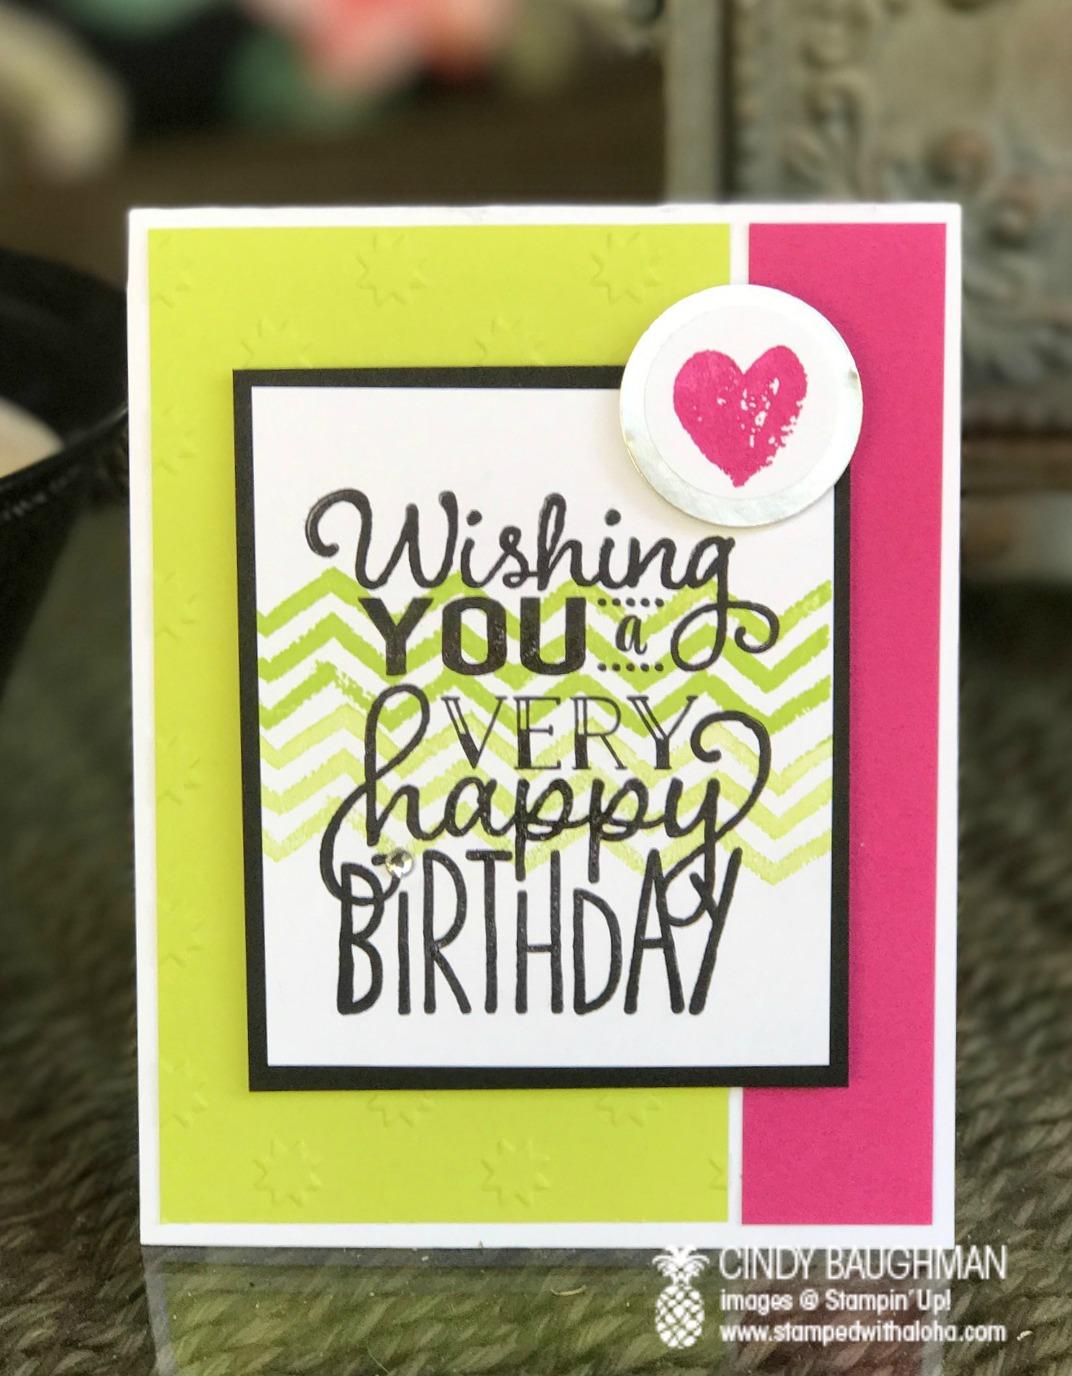 Big On Birthdays Card - www.stampedwithaloha.com